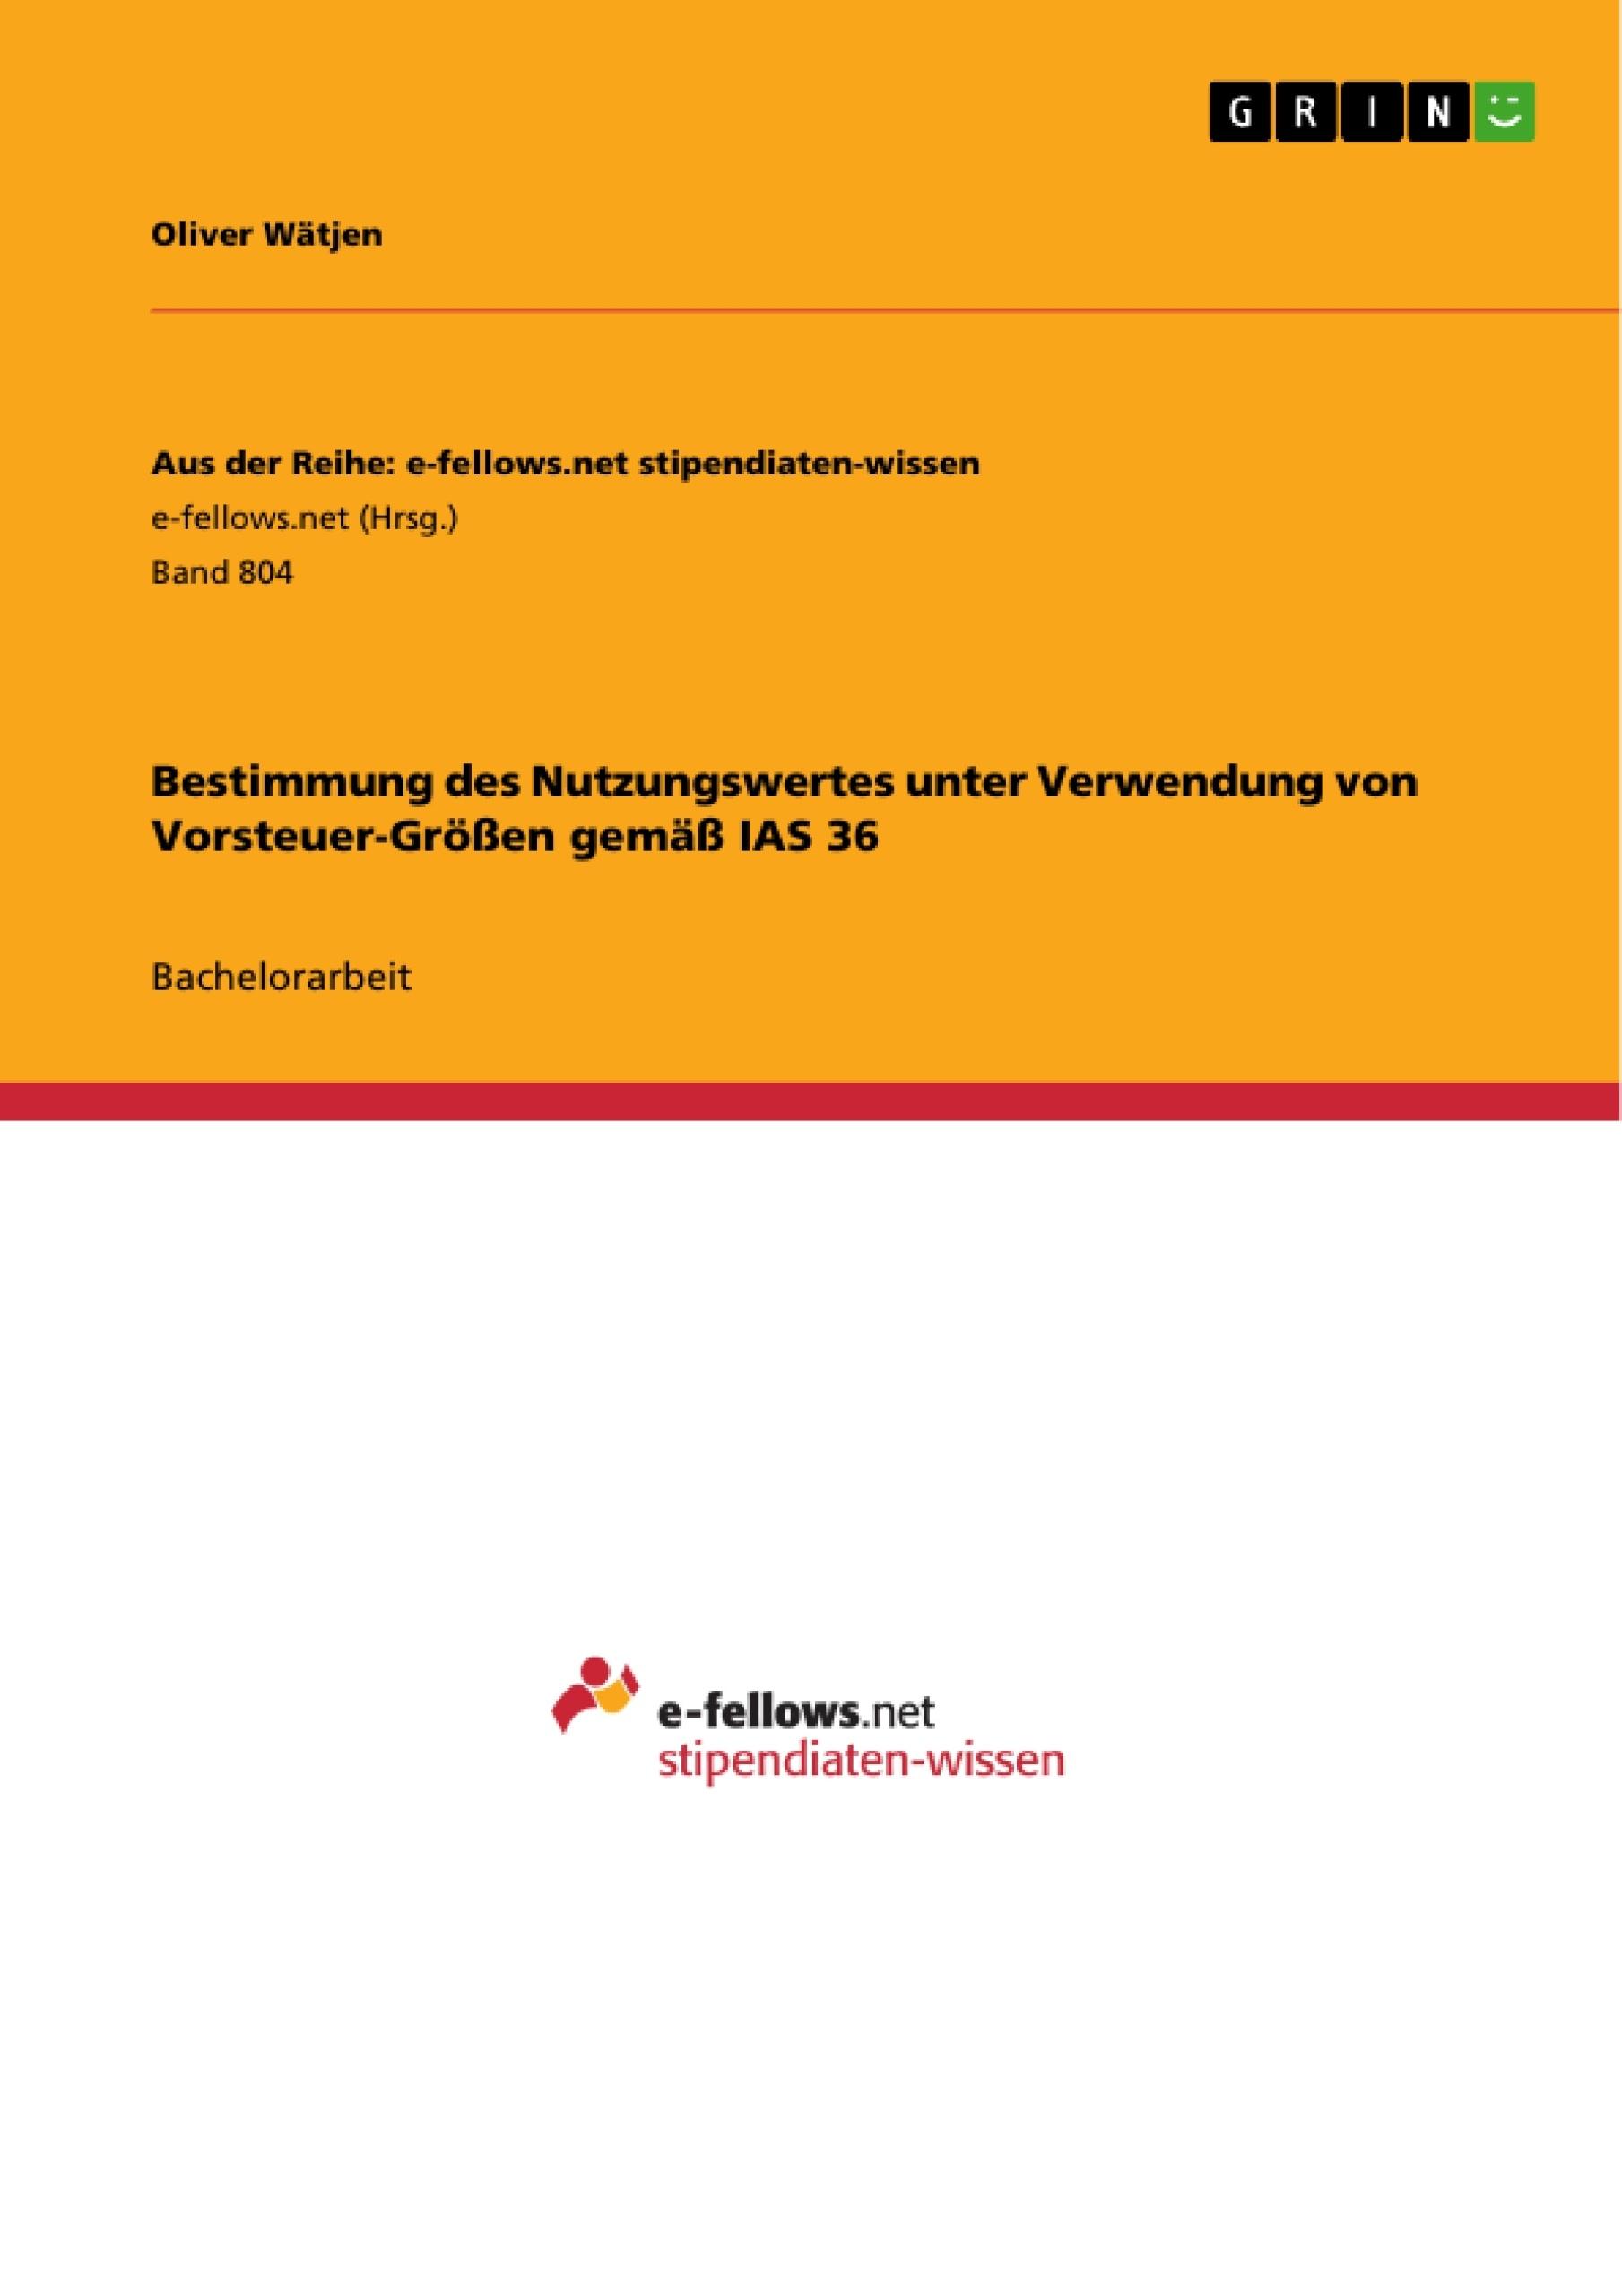 Titel: Bestimmung des Nutzungswertes unter Verwendung von Vorsteuer-Größen gemäß IAS 36